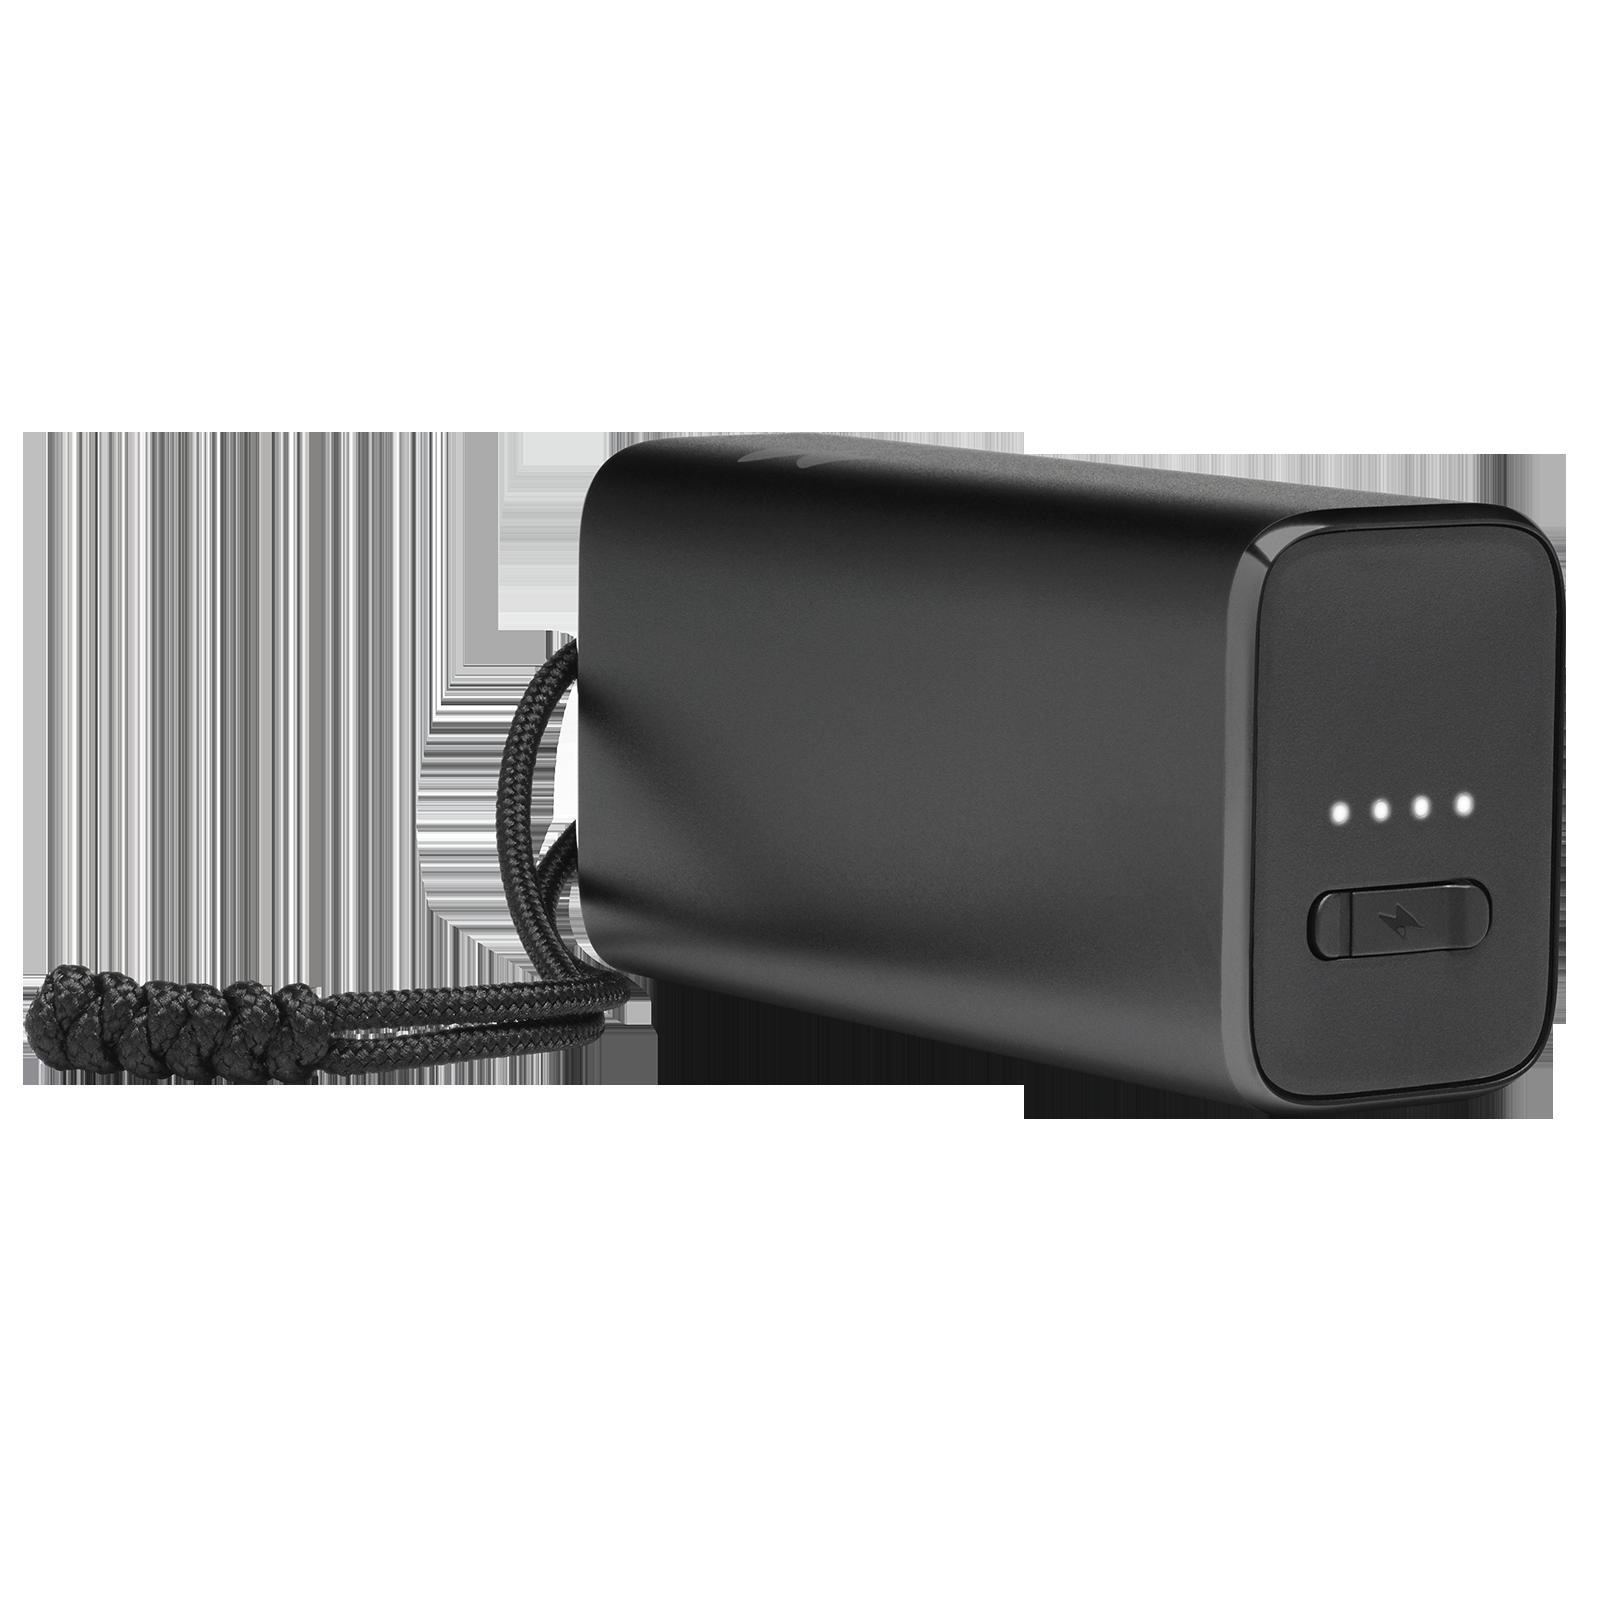 UA True Wireless Flash X - Engineered by JBL - Black - In-Ear Sport Headphones - Detailshot 7